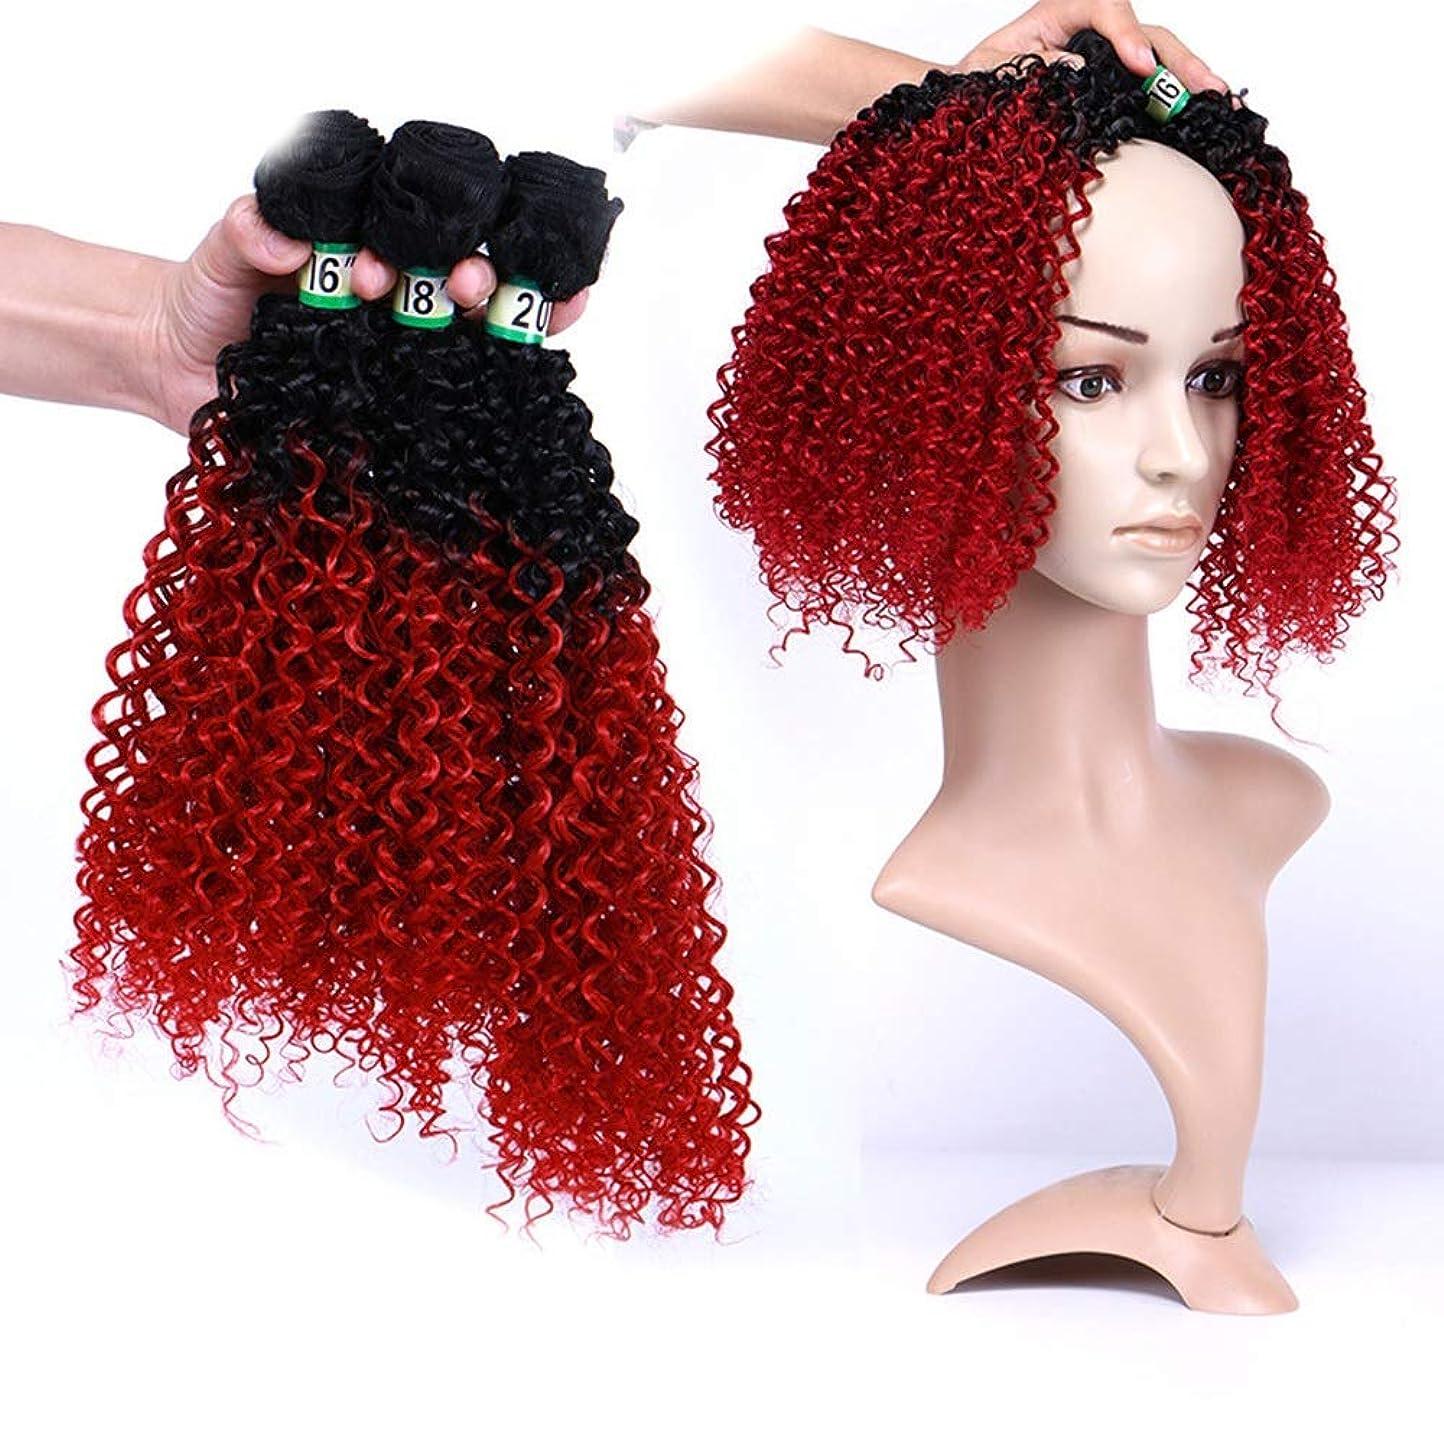 反射かもめ程度Yrattary その他の特徴巻き毛の髪飾り3束 - 赤2つのトーンの色の髪の拡張子70 g/個(16 '' 18 '' 20 ')1B / BUG黒合成髪レースかつらロールプレイングウィッグロング&ショート女性自然 (色 : レッド, サイズ : 16